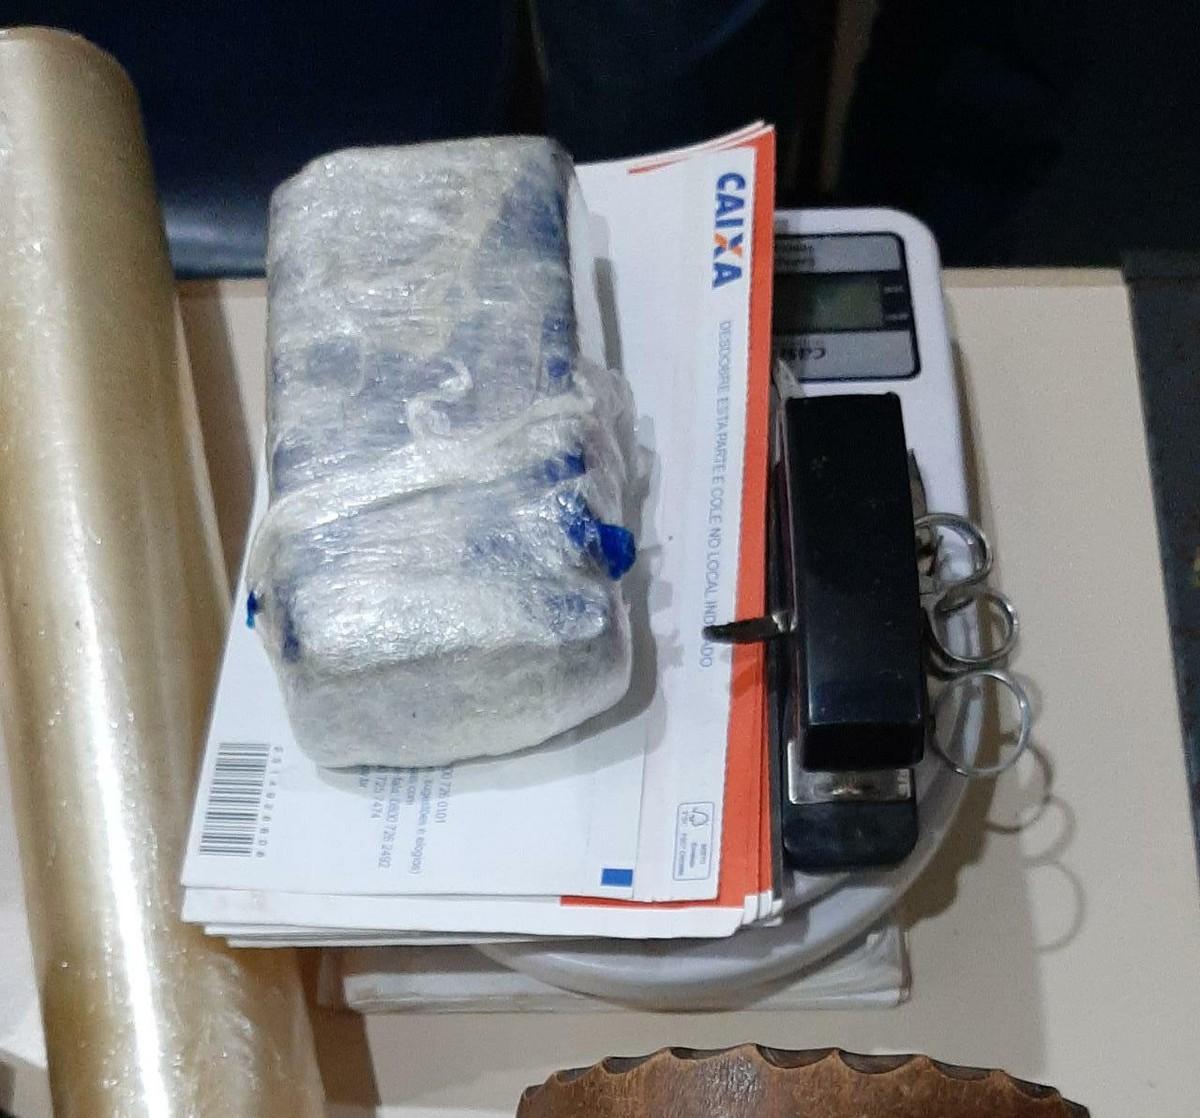 Casal suspeito de tráfico de drogas é preso em Saquarema, no RJ